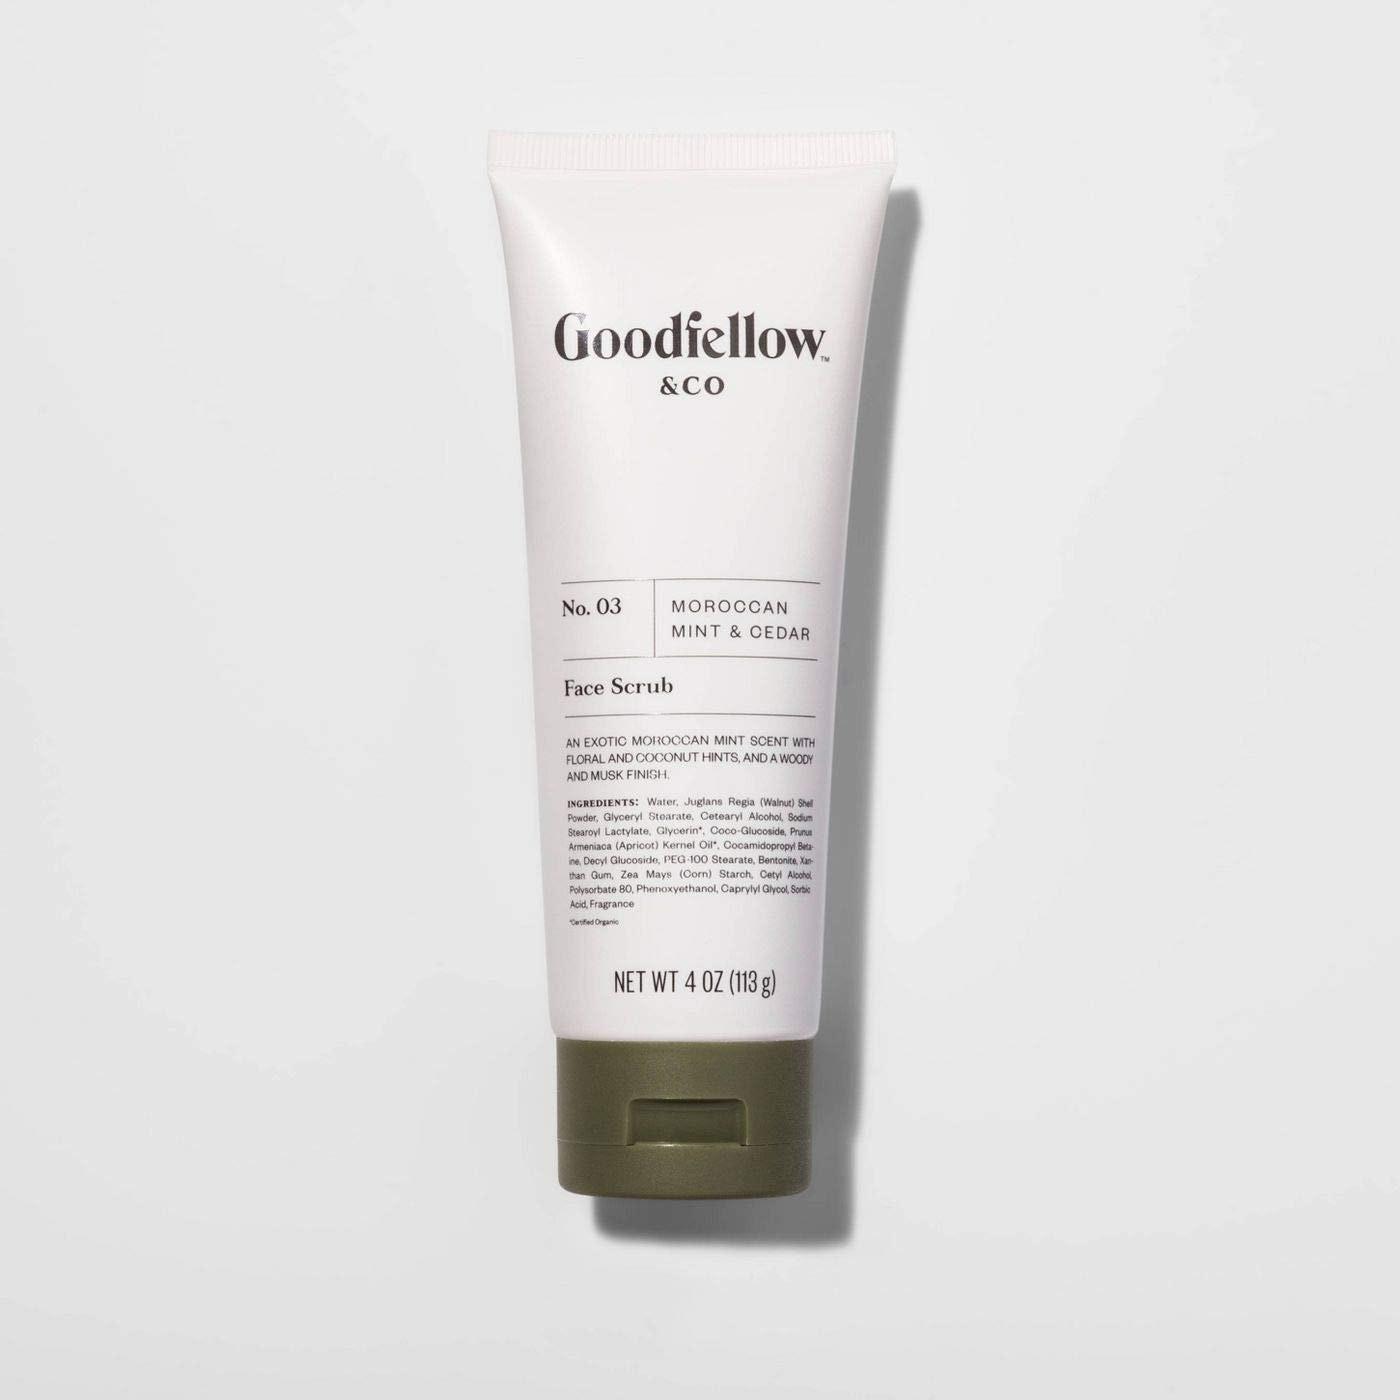 Goodfellows and Co Facial Scrub